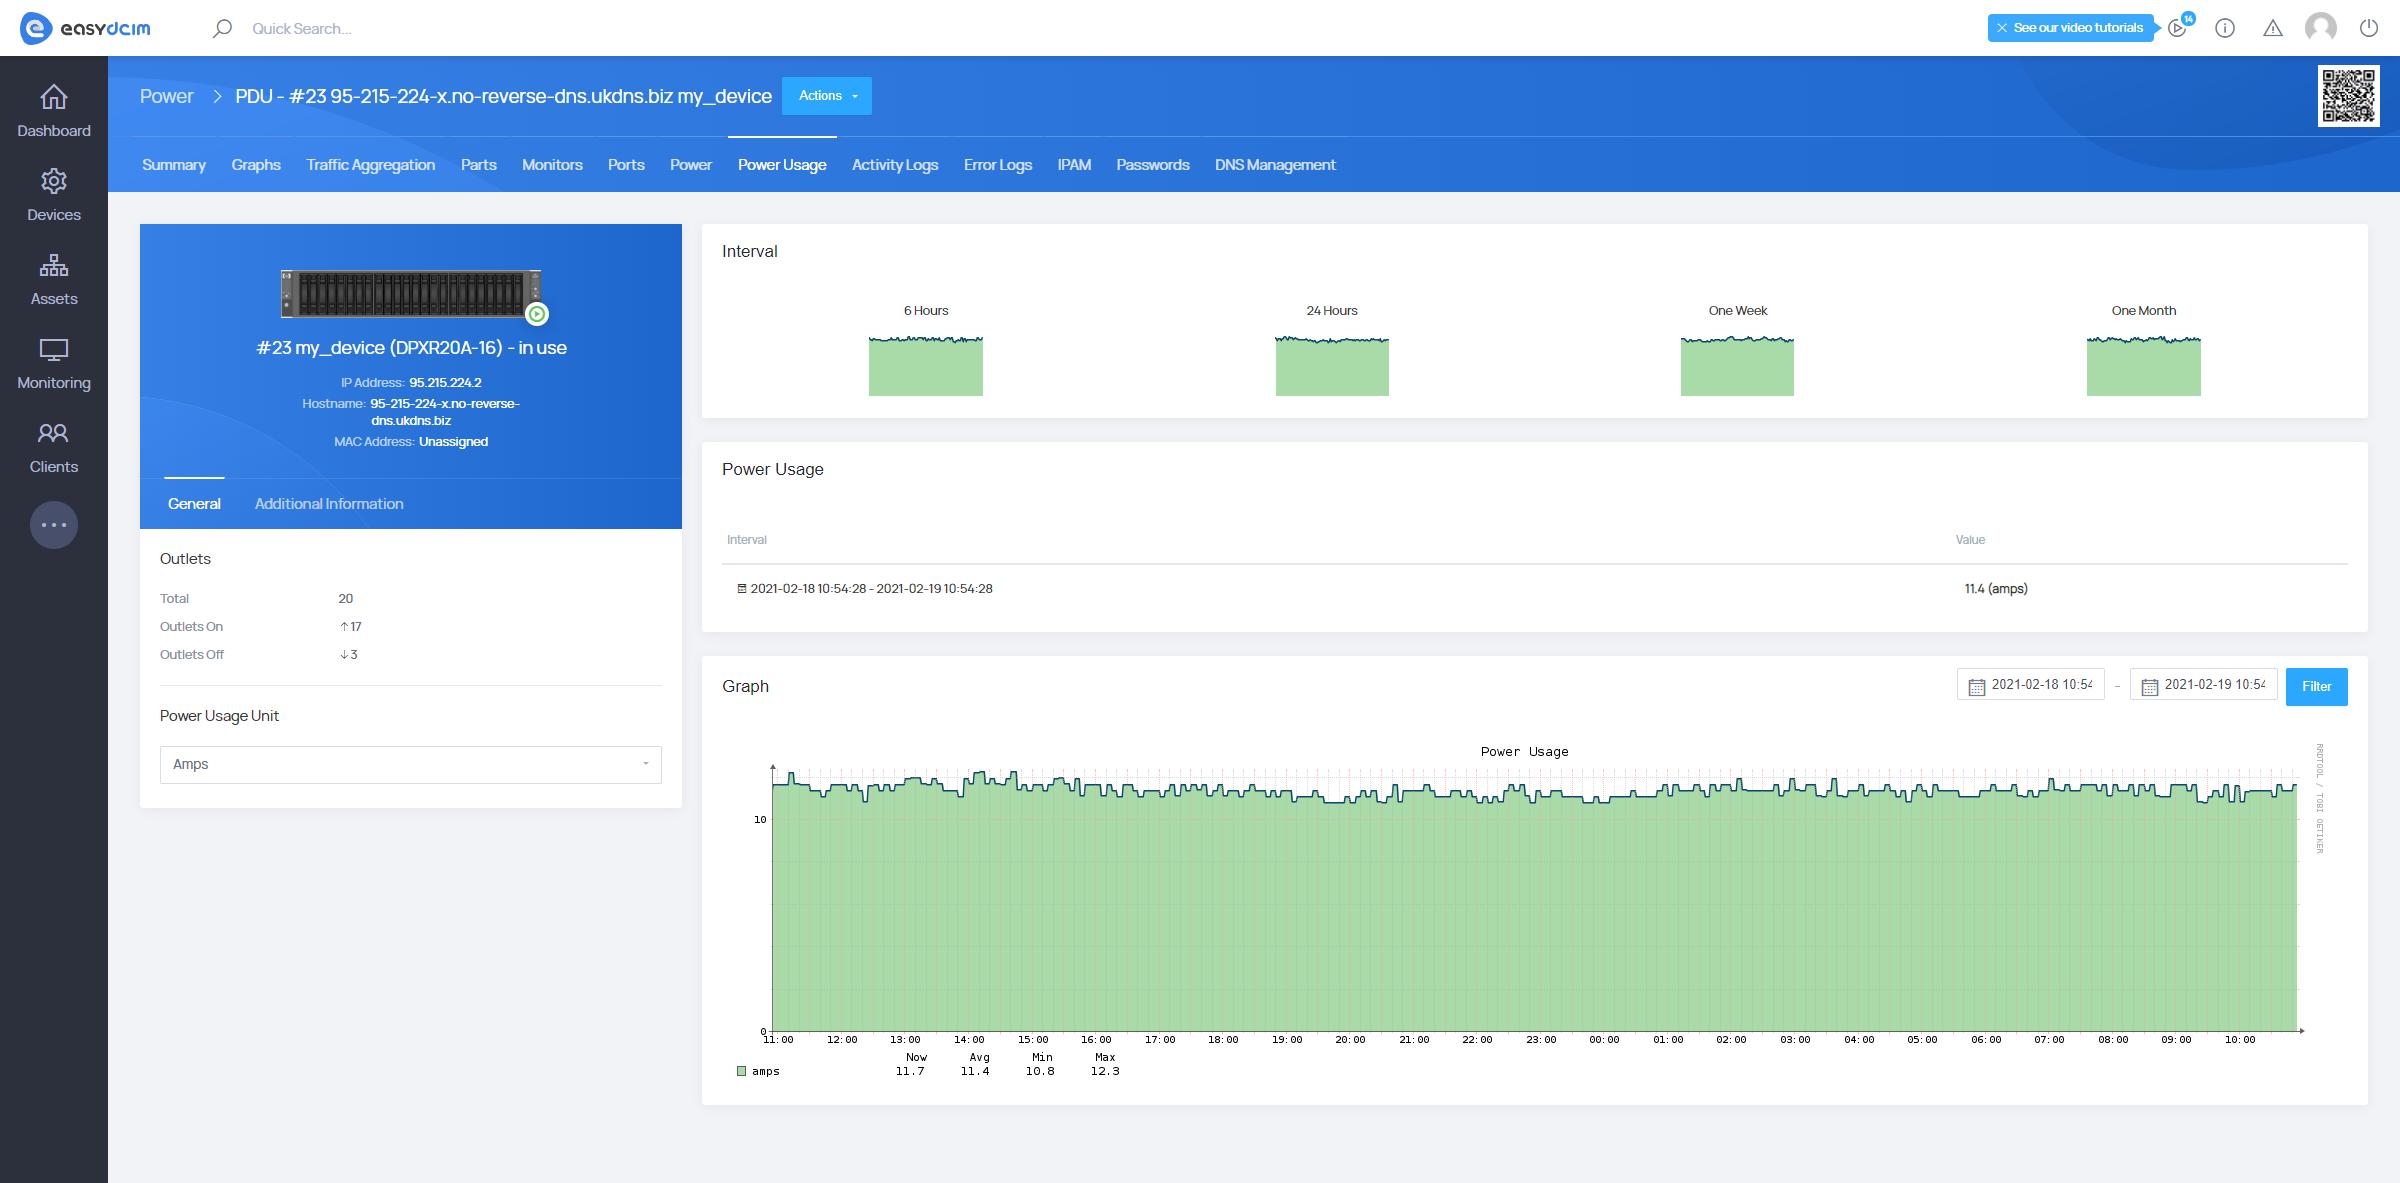 Power Usage Monitoring - PDU Management Extension - EasyDCIM v1.7.3